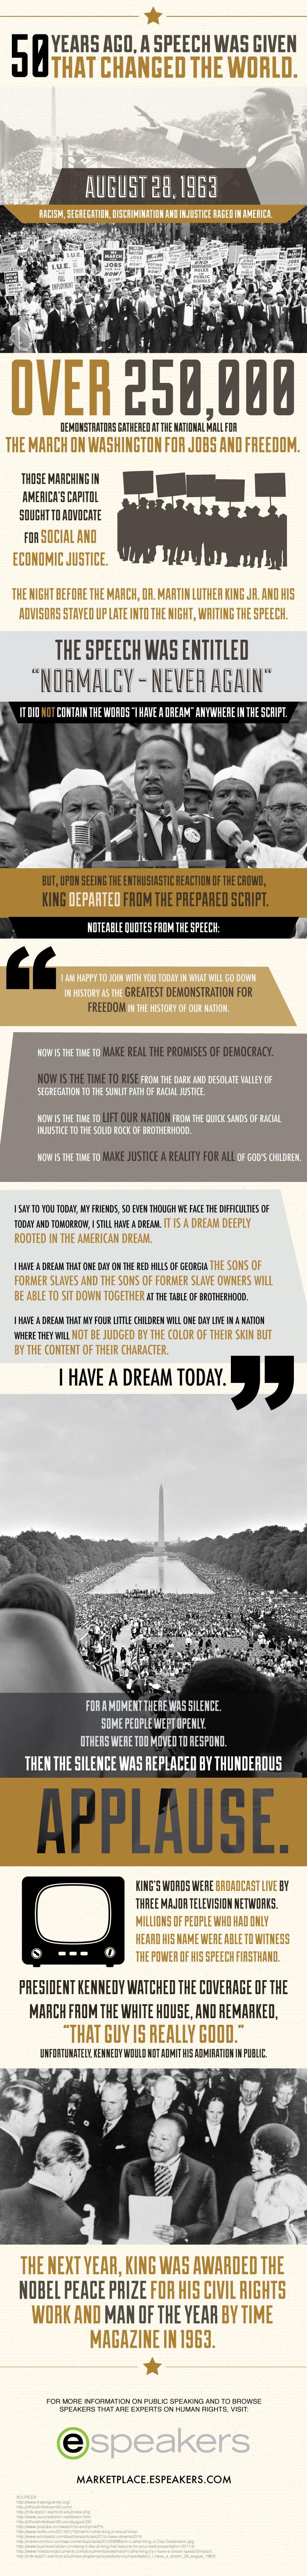 i have a dream too speech